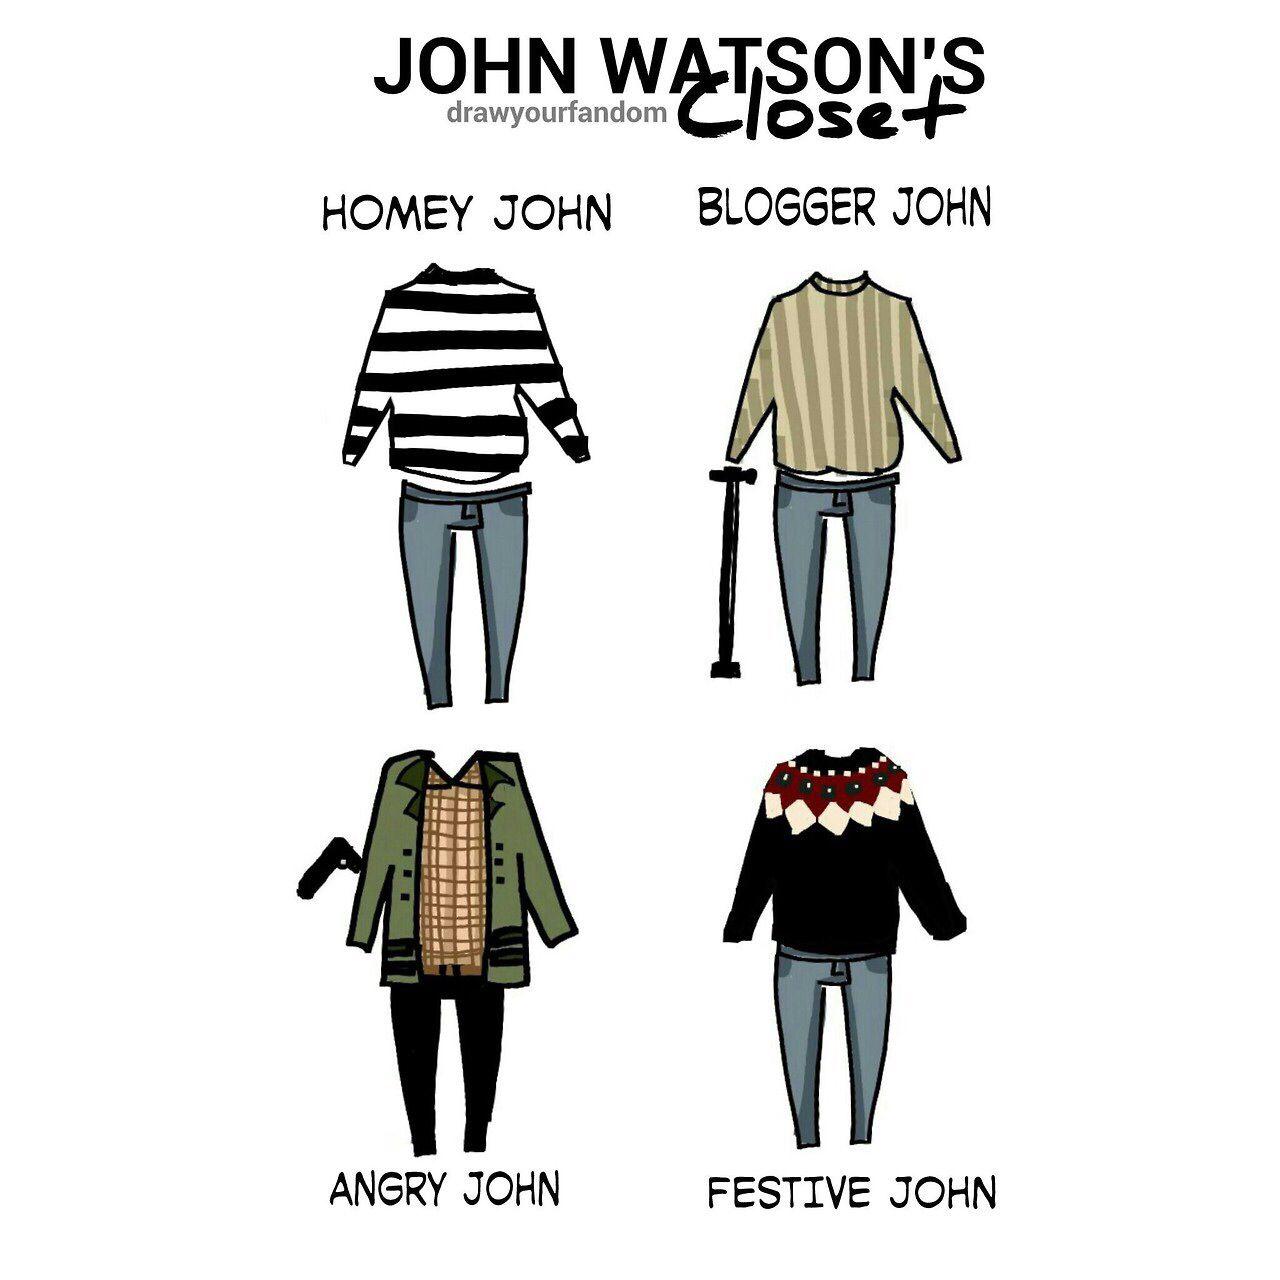 Johnu0027s Closetu003c    Johnu0027s (in The) Closetu003cu003cu003cJohnu0027s (past Narnia Heu0027s So Deep  In The) Closet